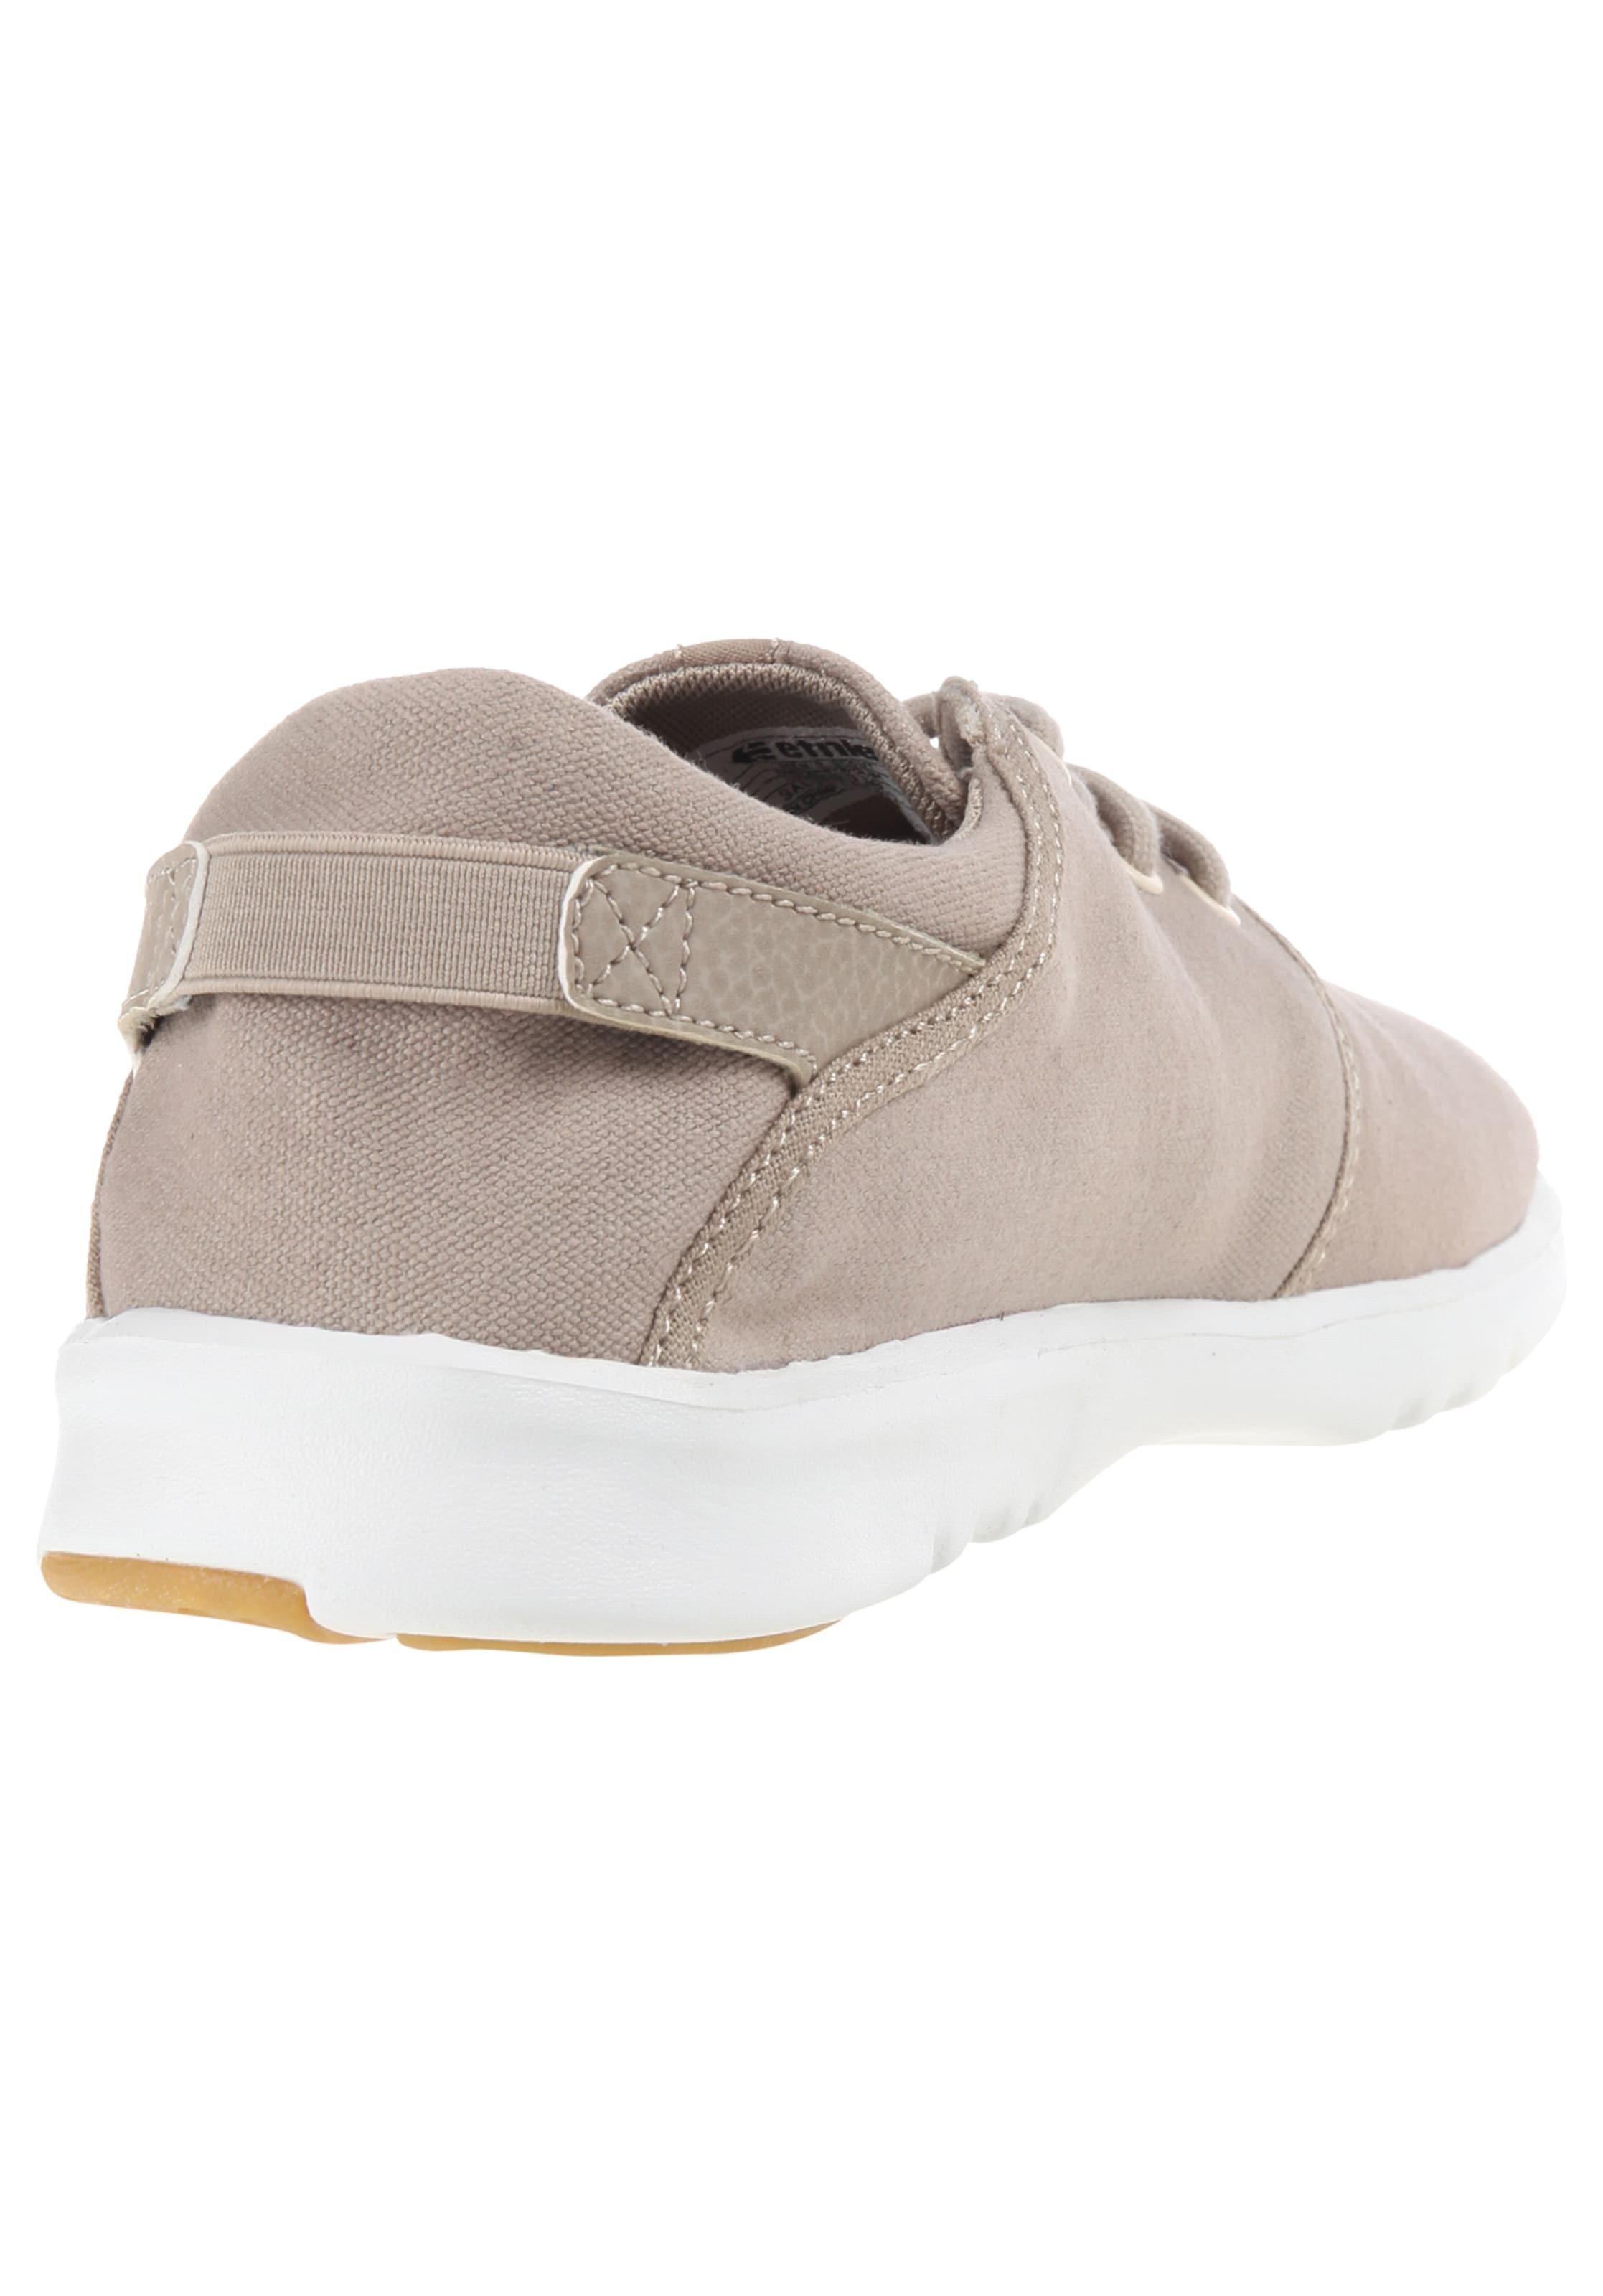 'scout' Beige Sneaker In In Etnies Beige Etnies Sneaker 'scout' Etnies y0wmNnv8O